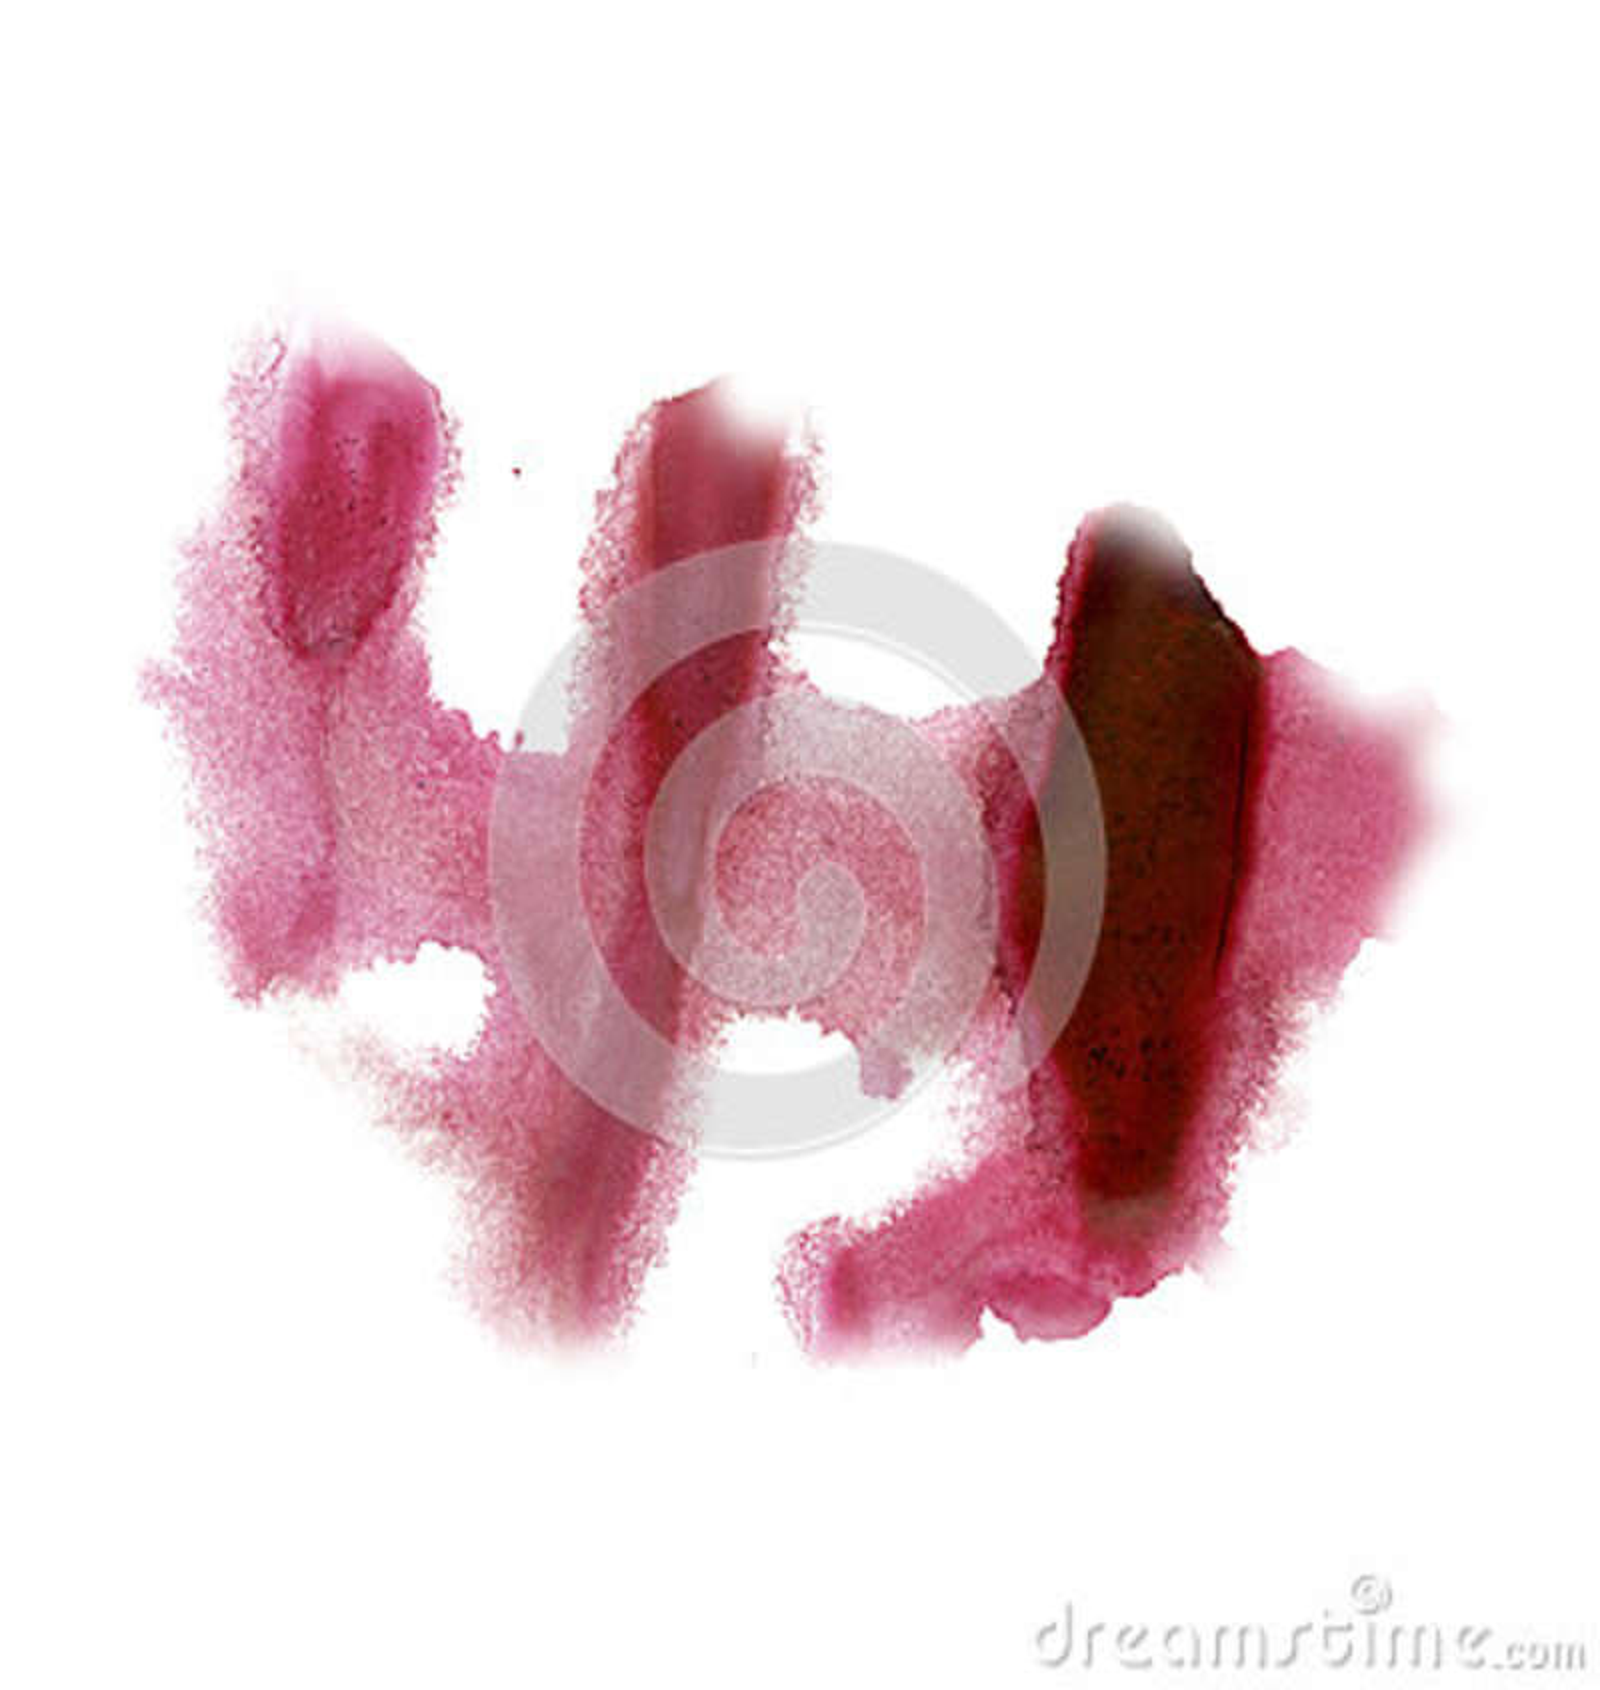 Textura roja de la mancha del punto macro líquido de la acuarela del tinte del watercolour de la salpicadura de la tinta aislada